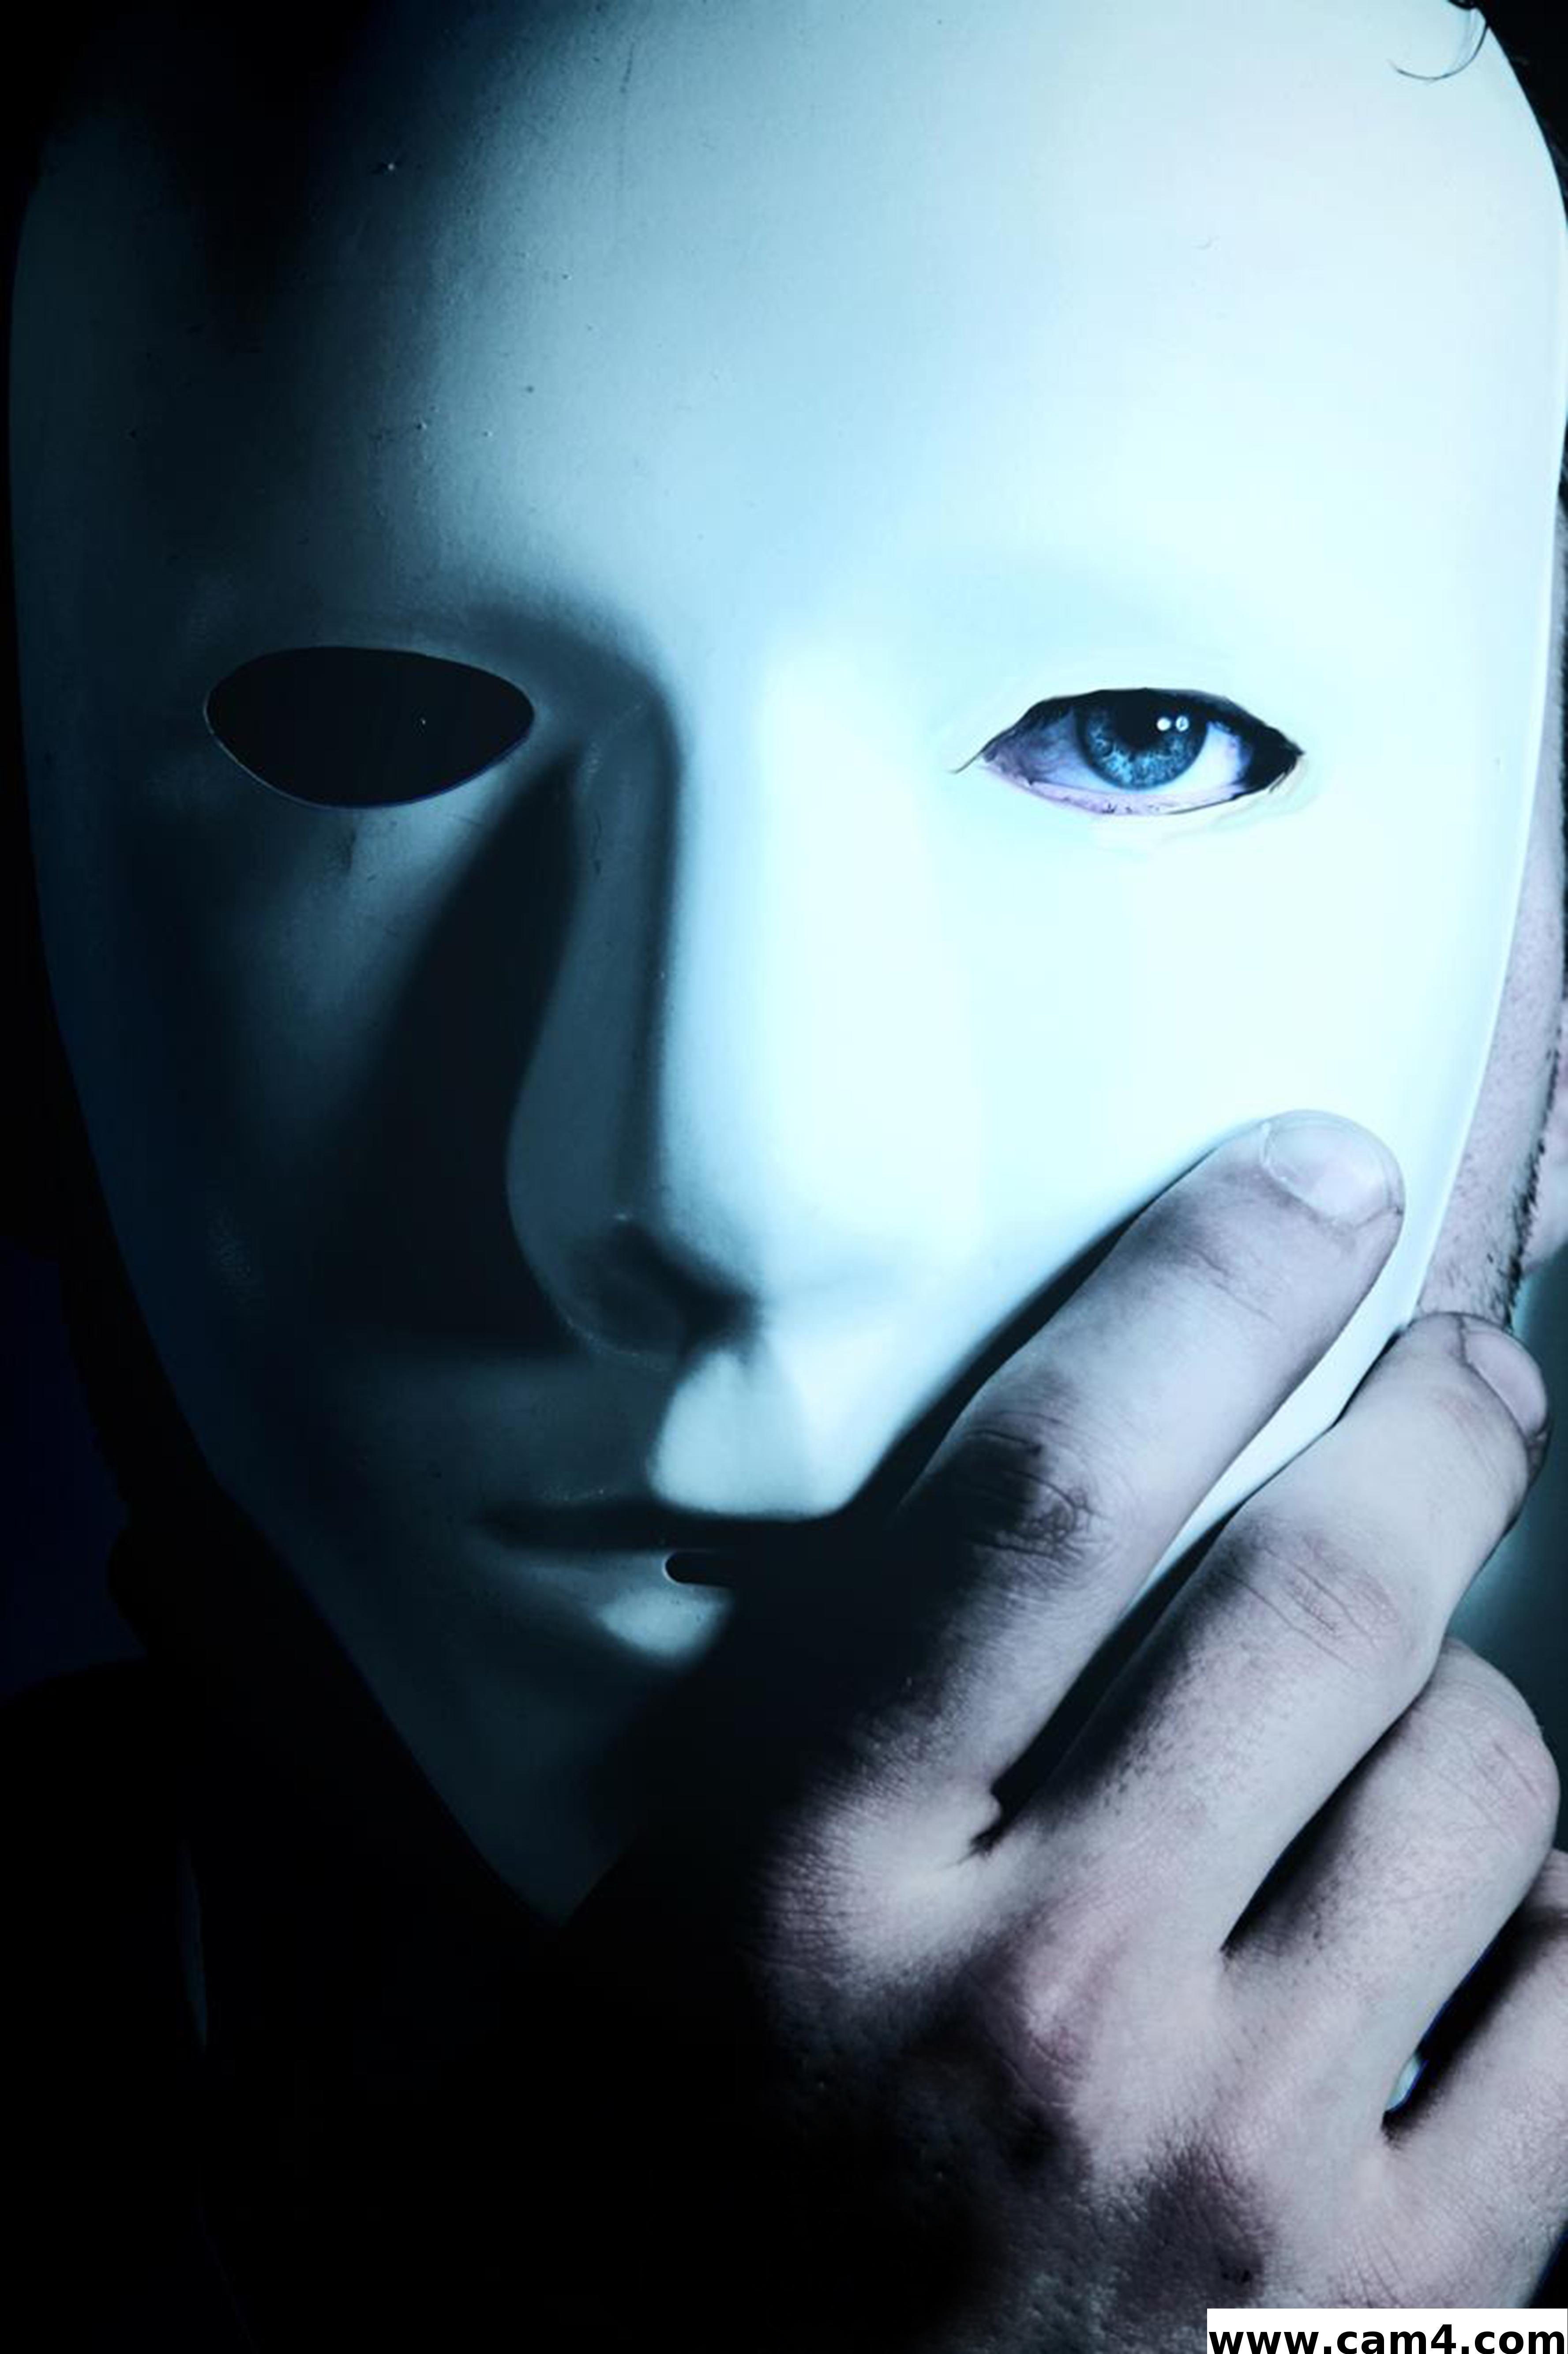 Mysteriousmanx?s=yybklyxhqxqi2ptlebks+1jjafbzlwfwiajedimn5dc=